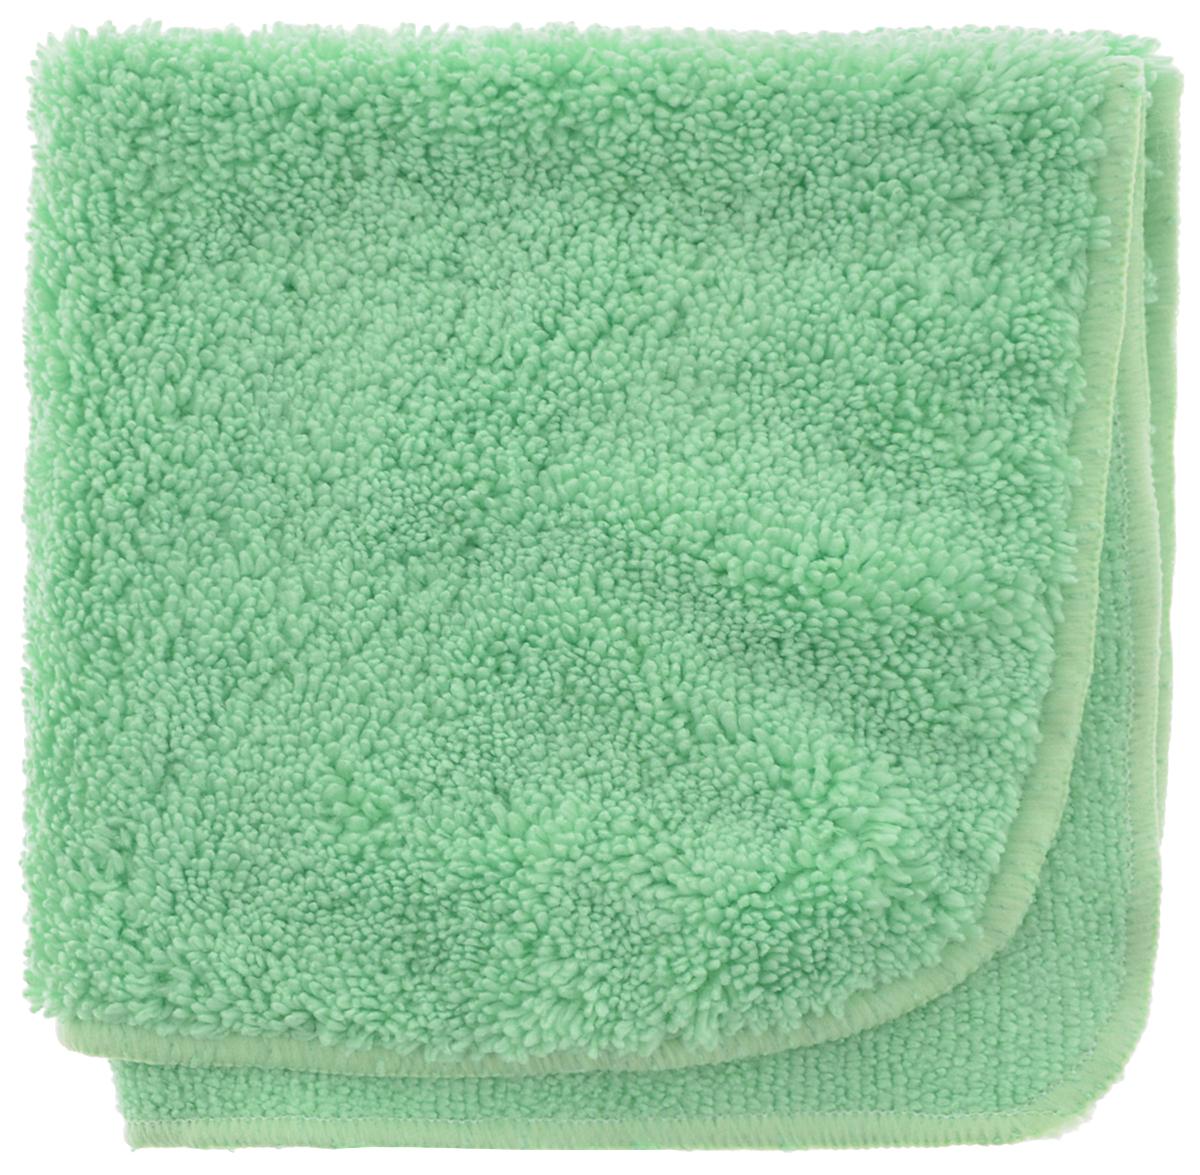 Салфетка для уборки Meule Premium, универсальная, цвет: салатовый, 30 х 30 см4607009241203Салфетка Meule Premium выполнена из высококачественной микрофибры (80% полиэстер, 20% полиамид). У салфетки двусторонняя структура с хорошо выраженными ворсинками с одной стороны и удлиненным ворсом. Изделие может использоваться как для сухой, так и для влажной уборки. Деликатно очищает любые виды поверхности, не оставляет следов и разводов. Идеально впитывает влагу, удаляет загрязнения и пыль, а также подходит для протирки полированной мебели. Сохраняет свои свойства после стирки.